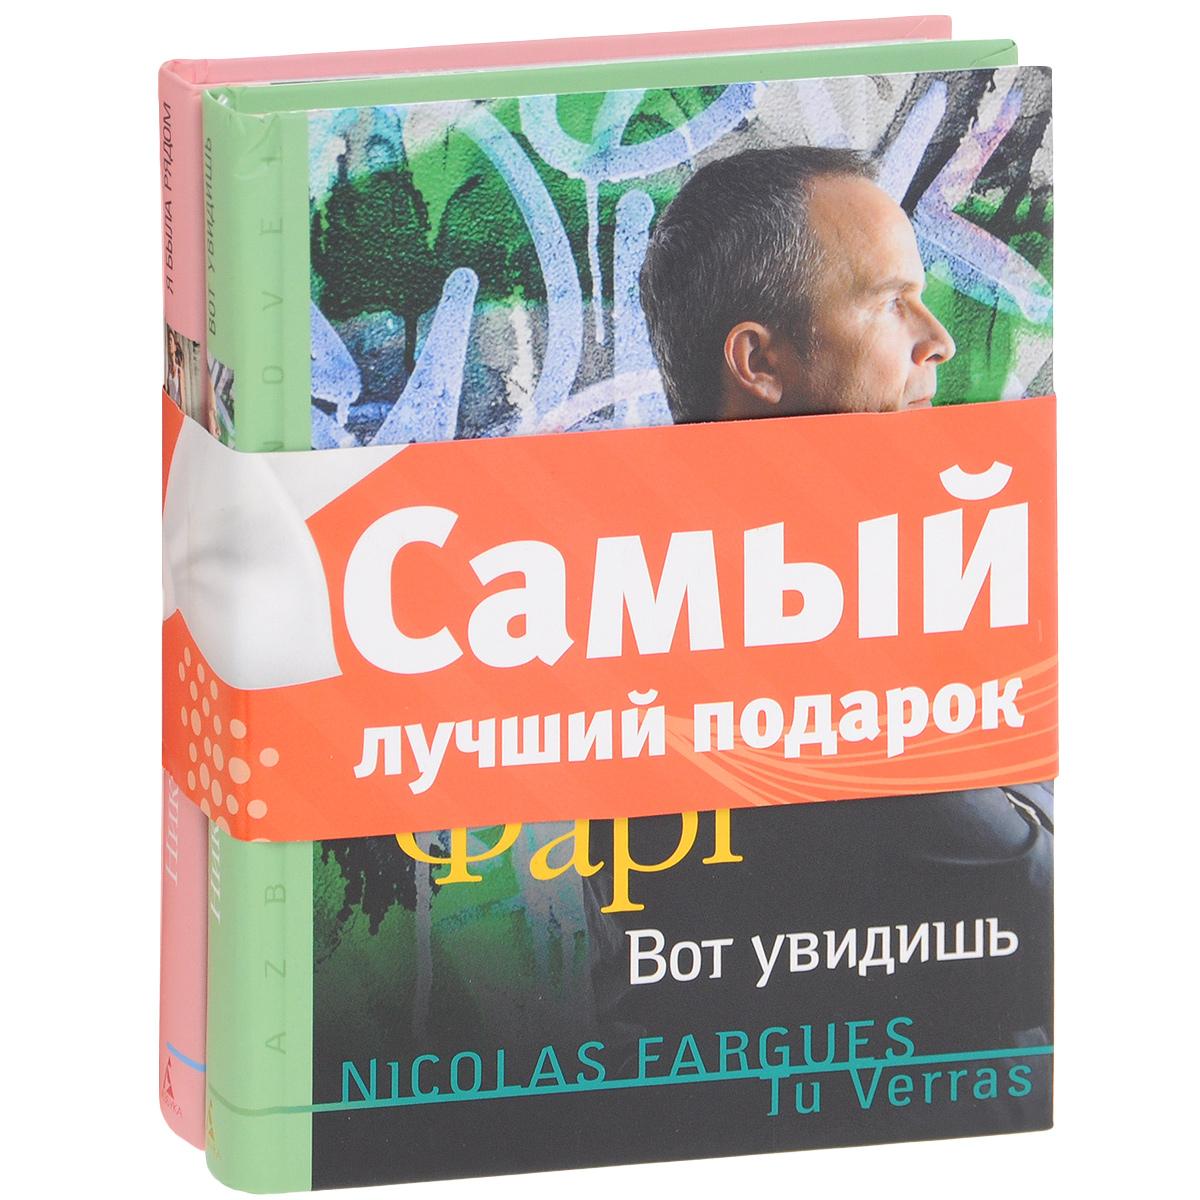 Николя Фарг Вот увидишь. Я была рядом (комплект из 2 книг) ISBN: 978-5-389-03745-8, 978-5-389-02619-3, 978-5-389-02612-4 алена долецкая воскресные обеды isbn 978 5 389 08985 3